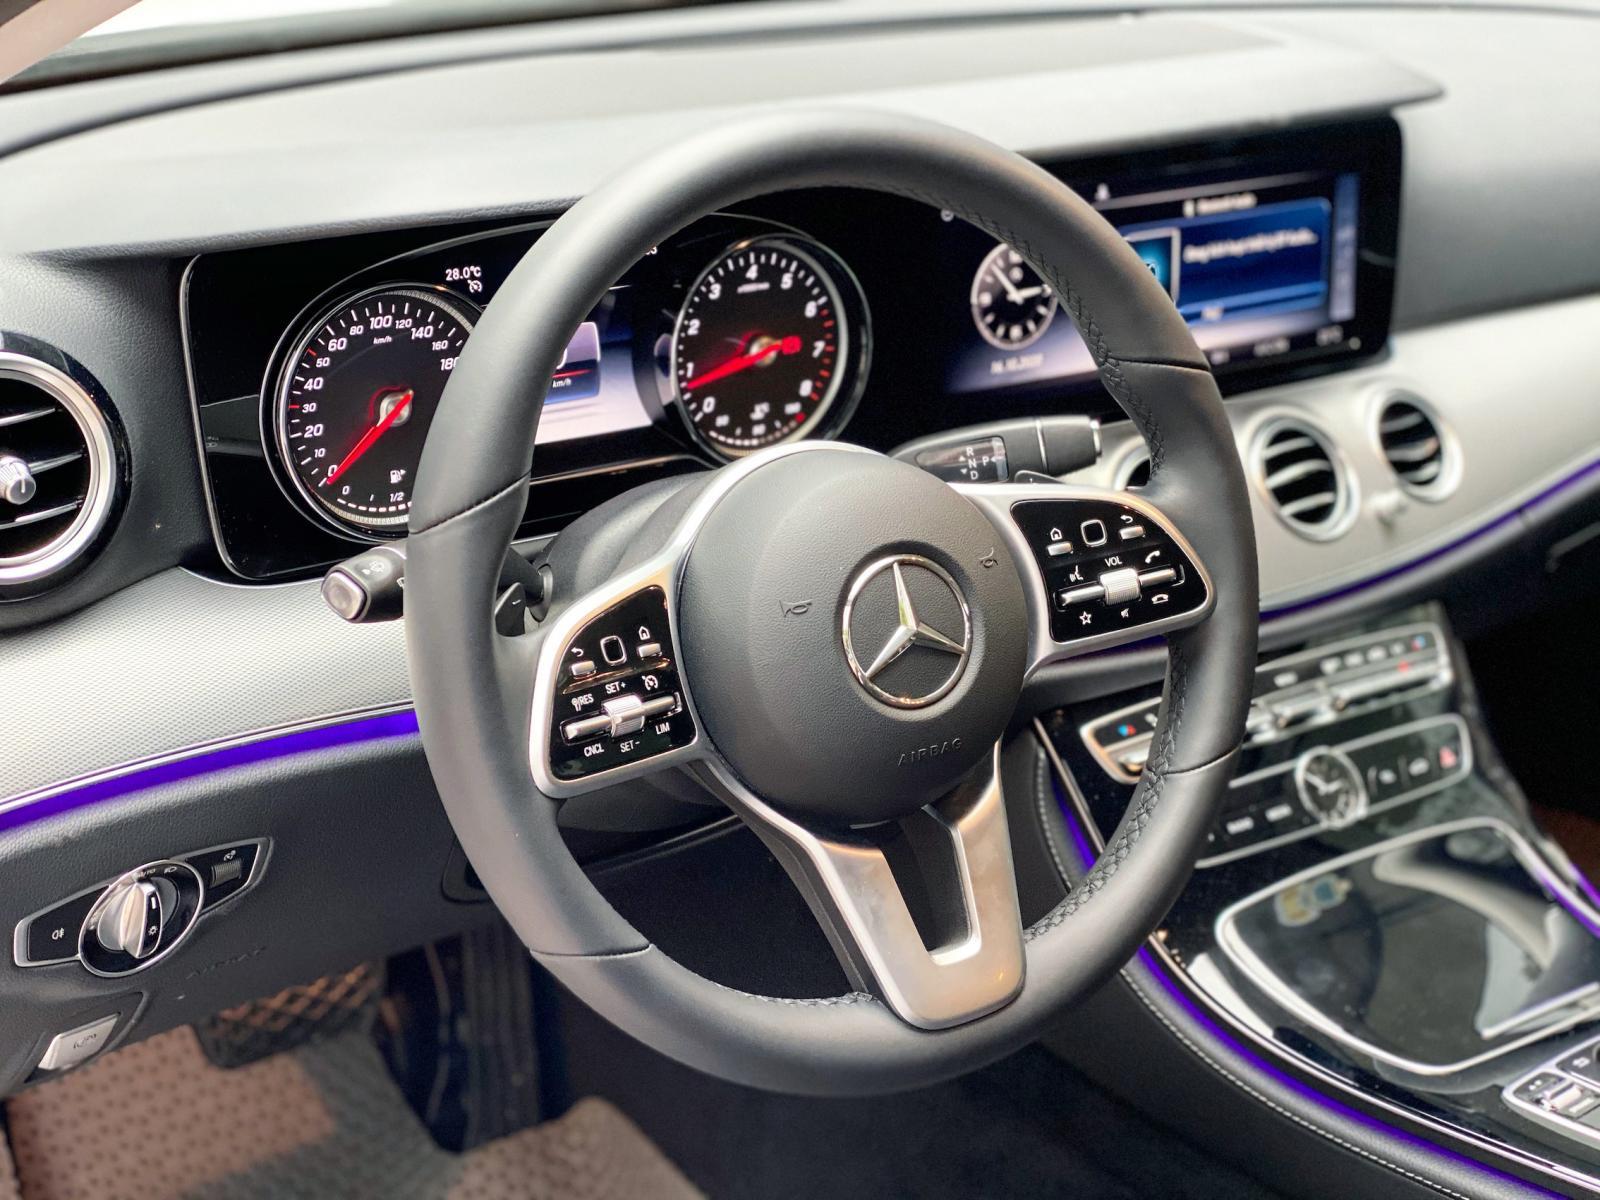 Bán Mercedes E180 2020 màu trắng siêu luớt biển đẹp giá cực tốt